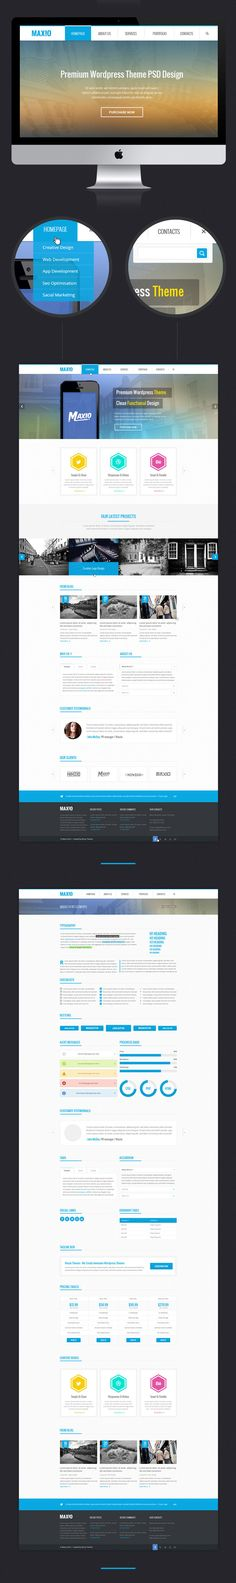 Maxio Multipurpose Website Template